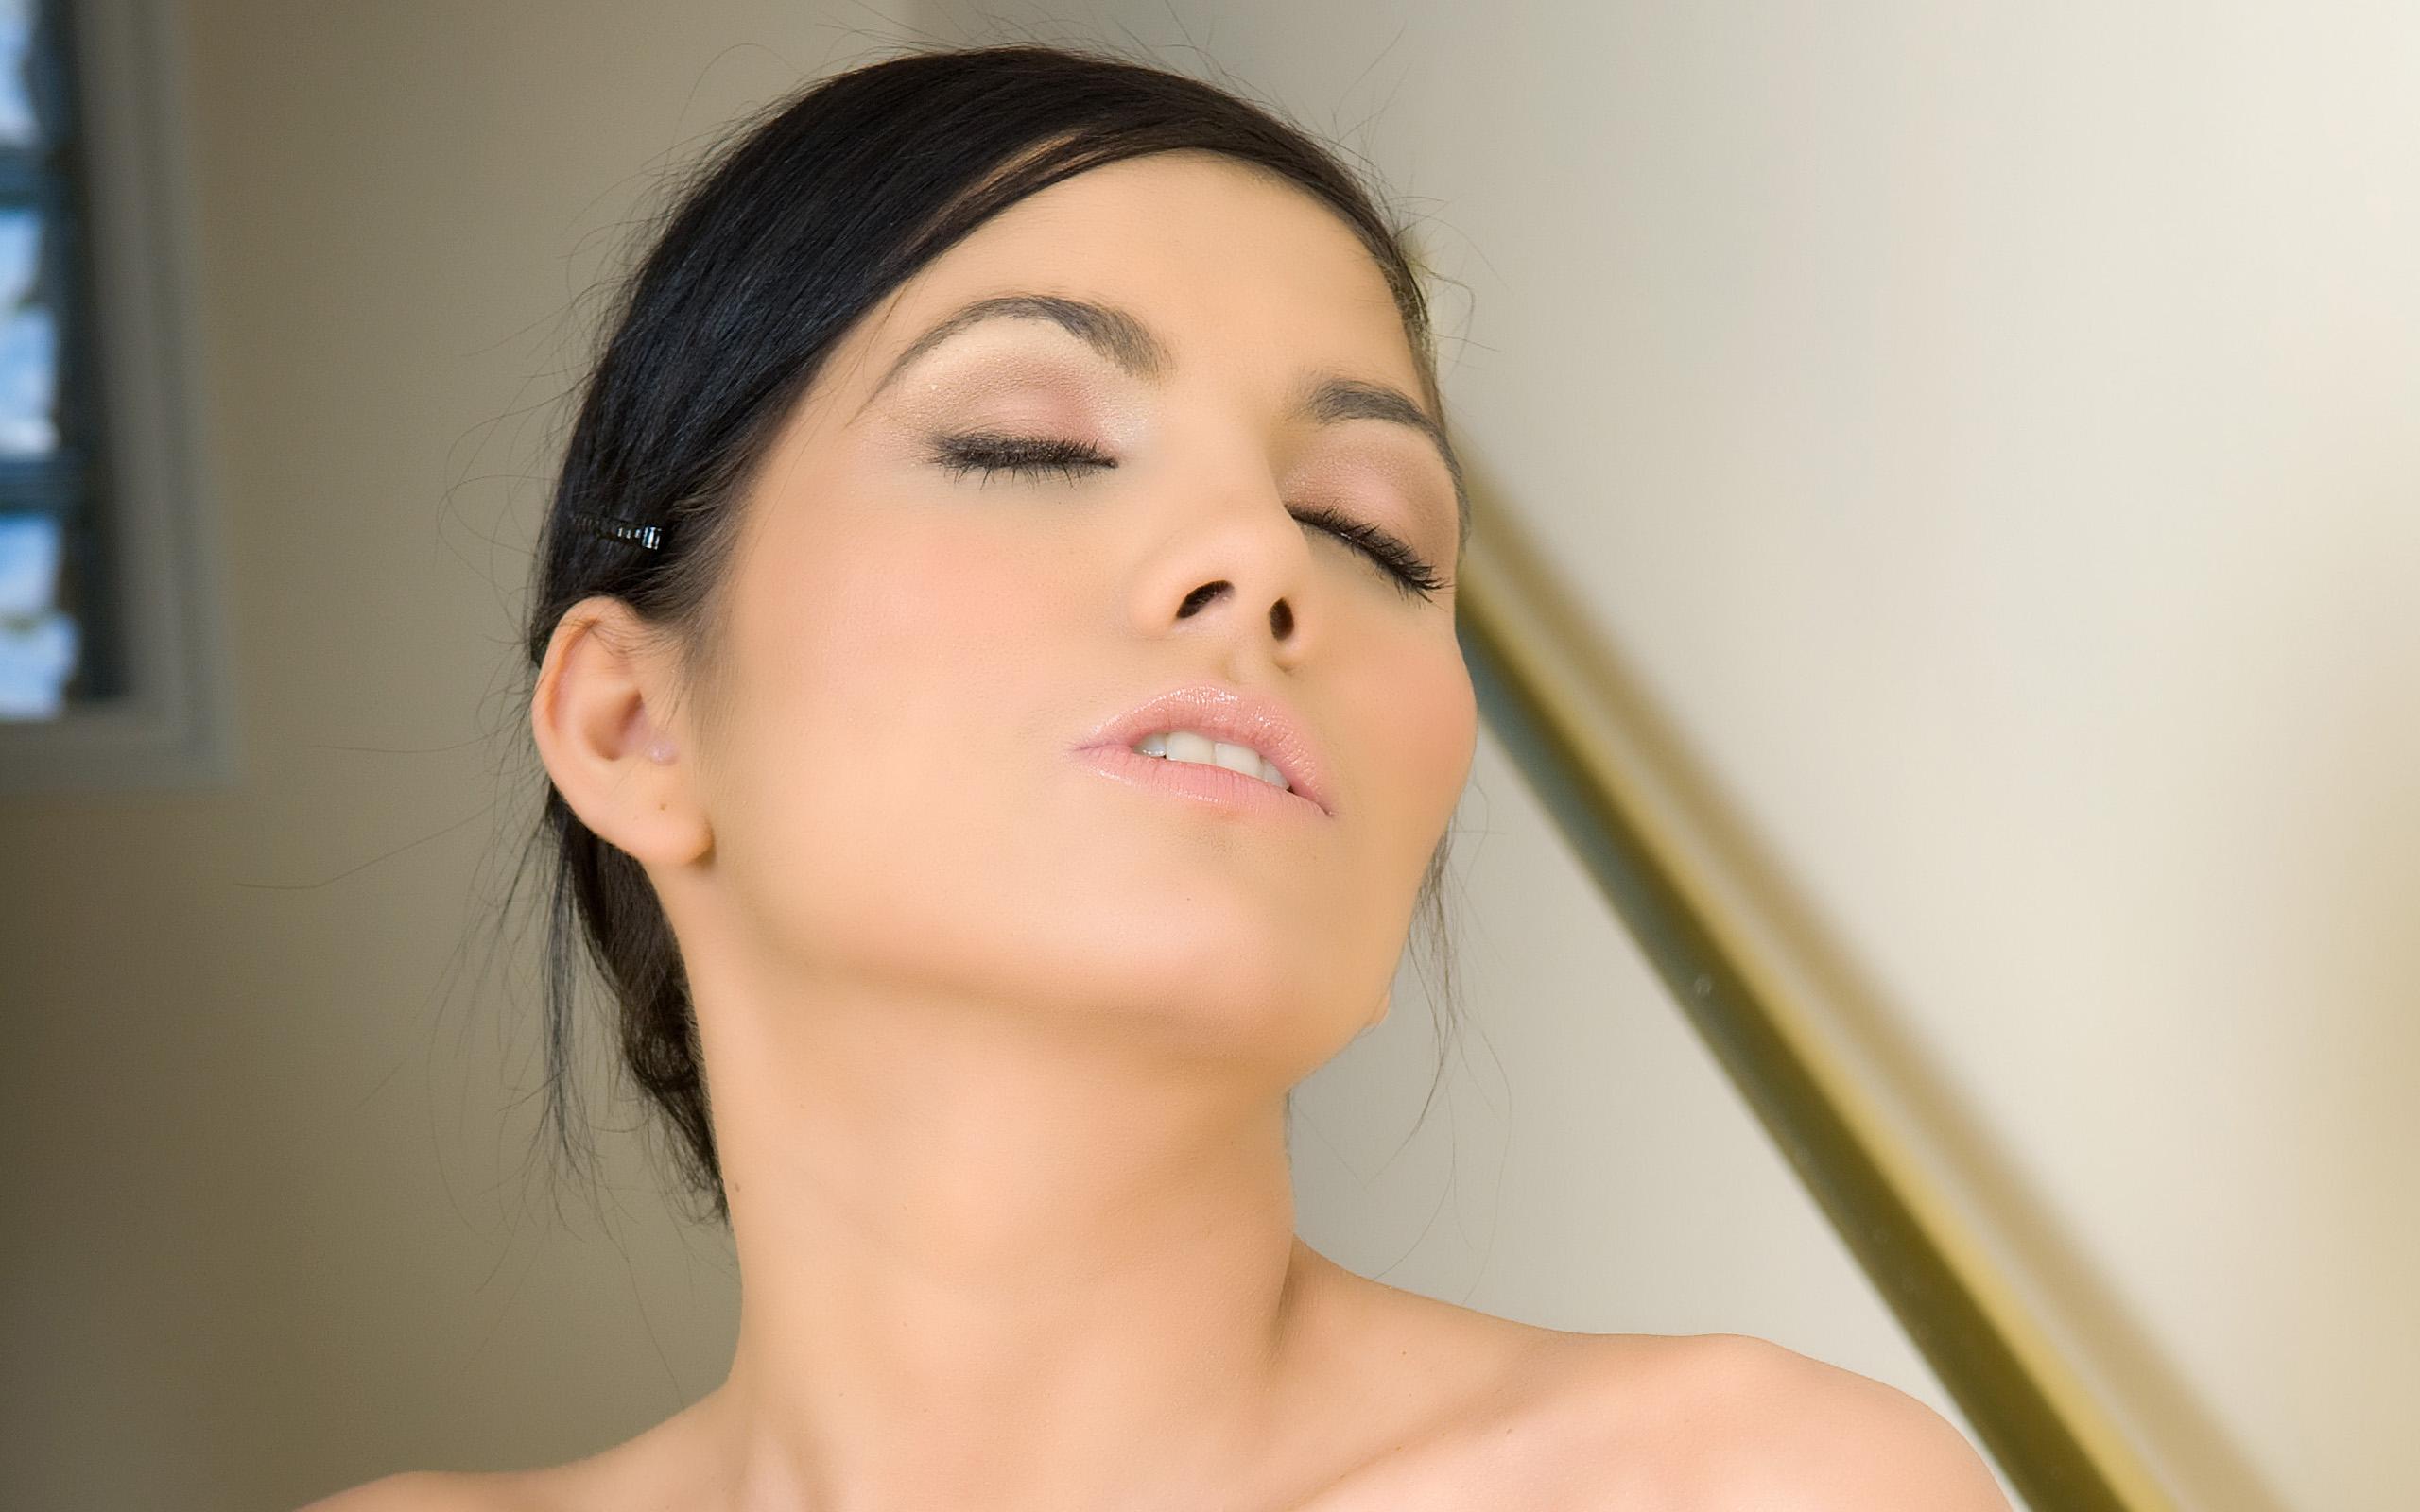 Rostros hermosos de mujeres - 2560x1600